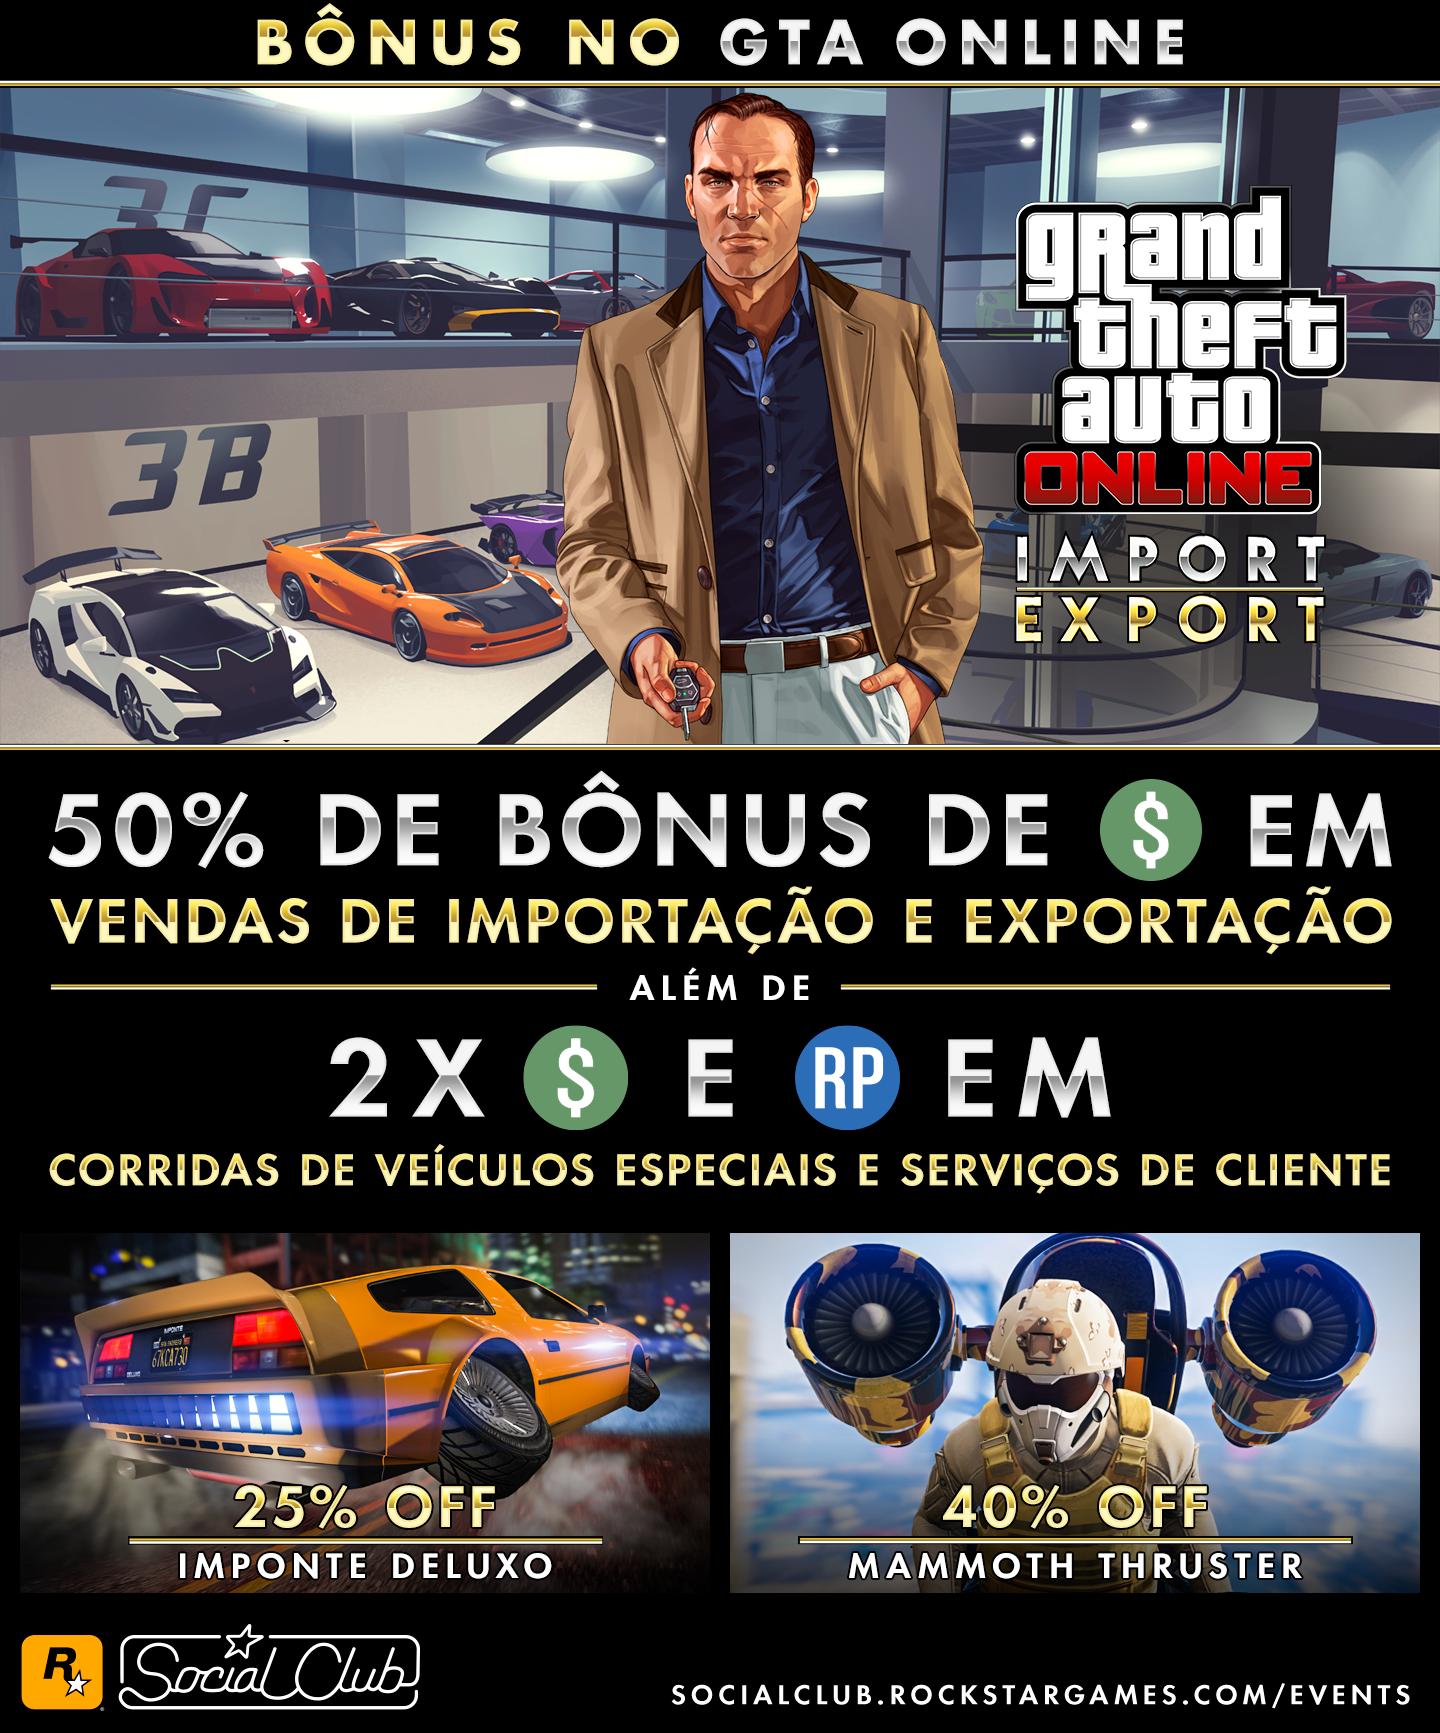 92dd2715e Ganhos extras em missões de venda de Importação e Exportação no GTA Online  Além de GTA  e RP em dobro em Corridas de Veículos Especiais e Serviços de  ...